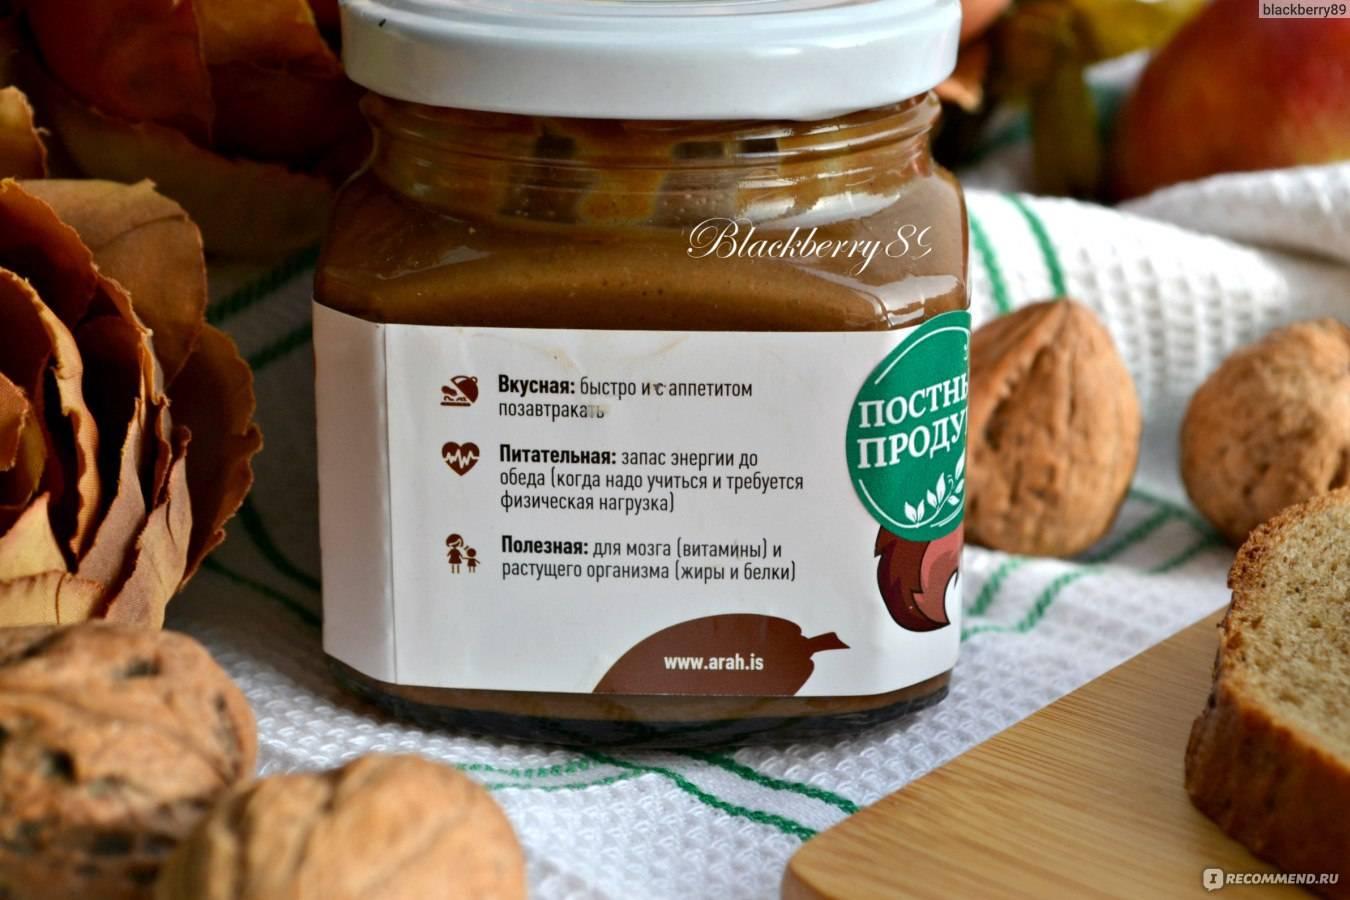 С чем едят арахисовую пасту на диете при похудении: рецепты блюд для сброса лишнего веса и наращивания мышечной массы